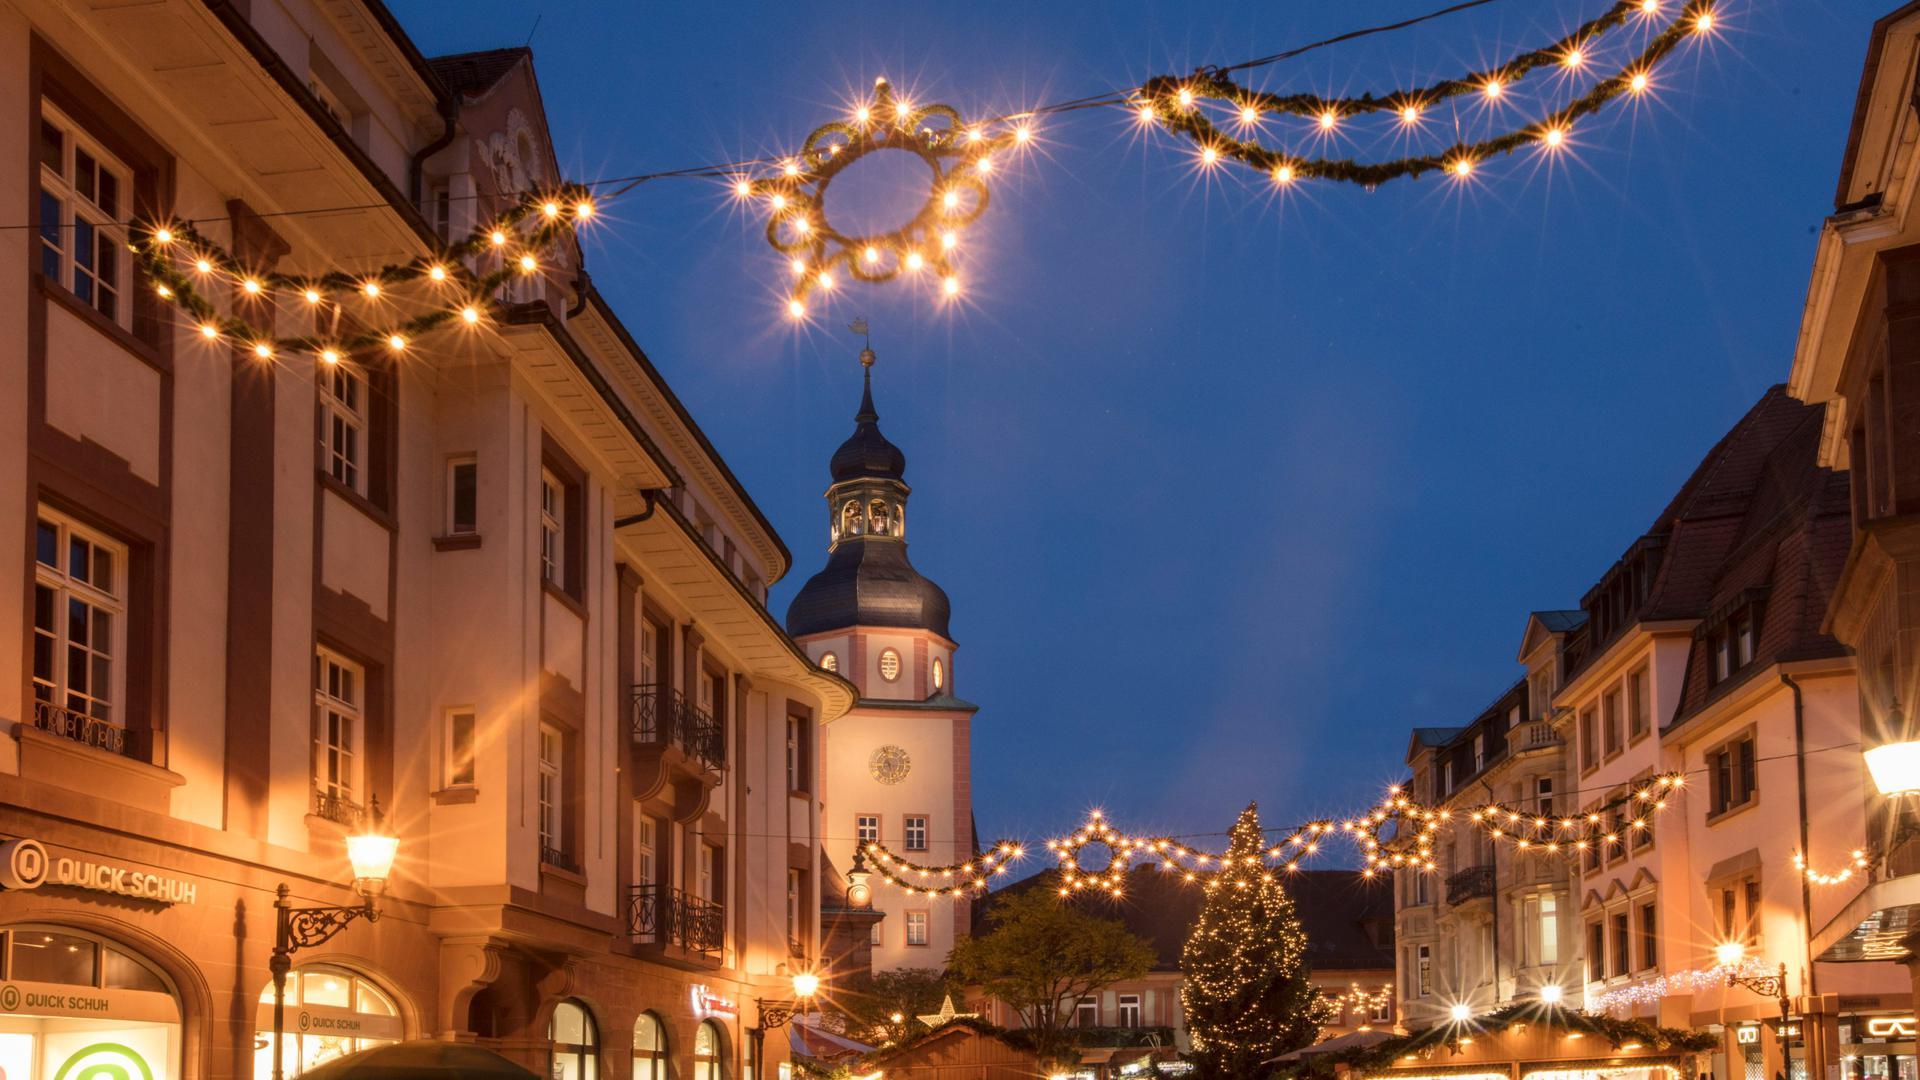 Sterne-Beleuchtung auf dem Weihnachtsmarkt Ettlingen.